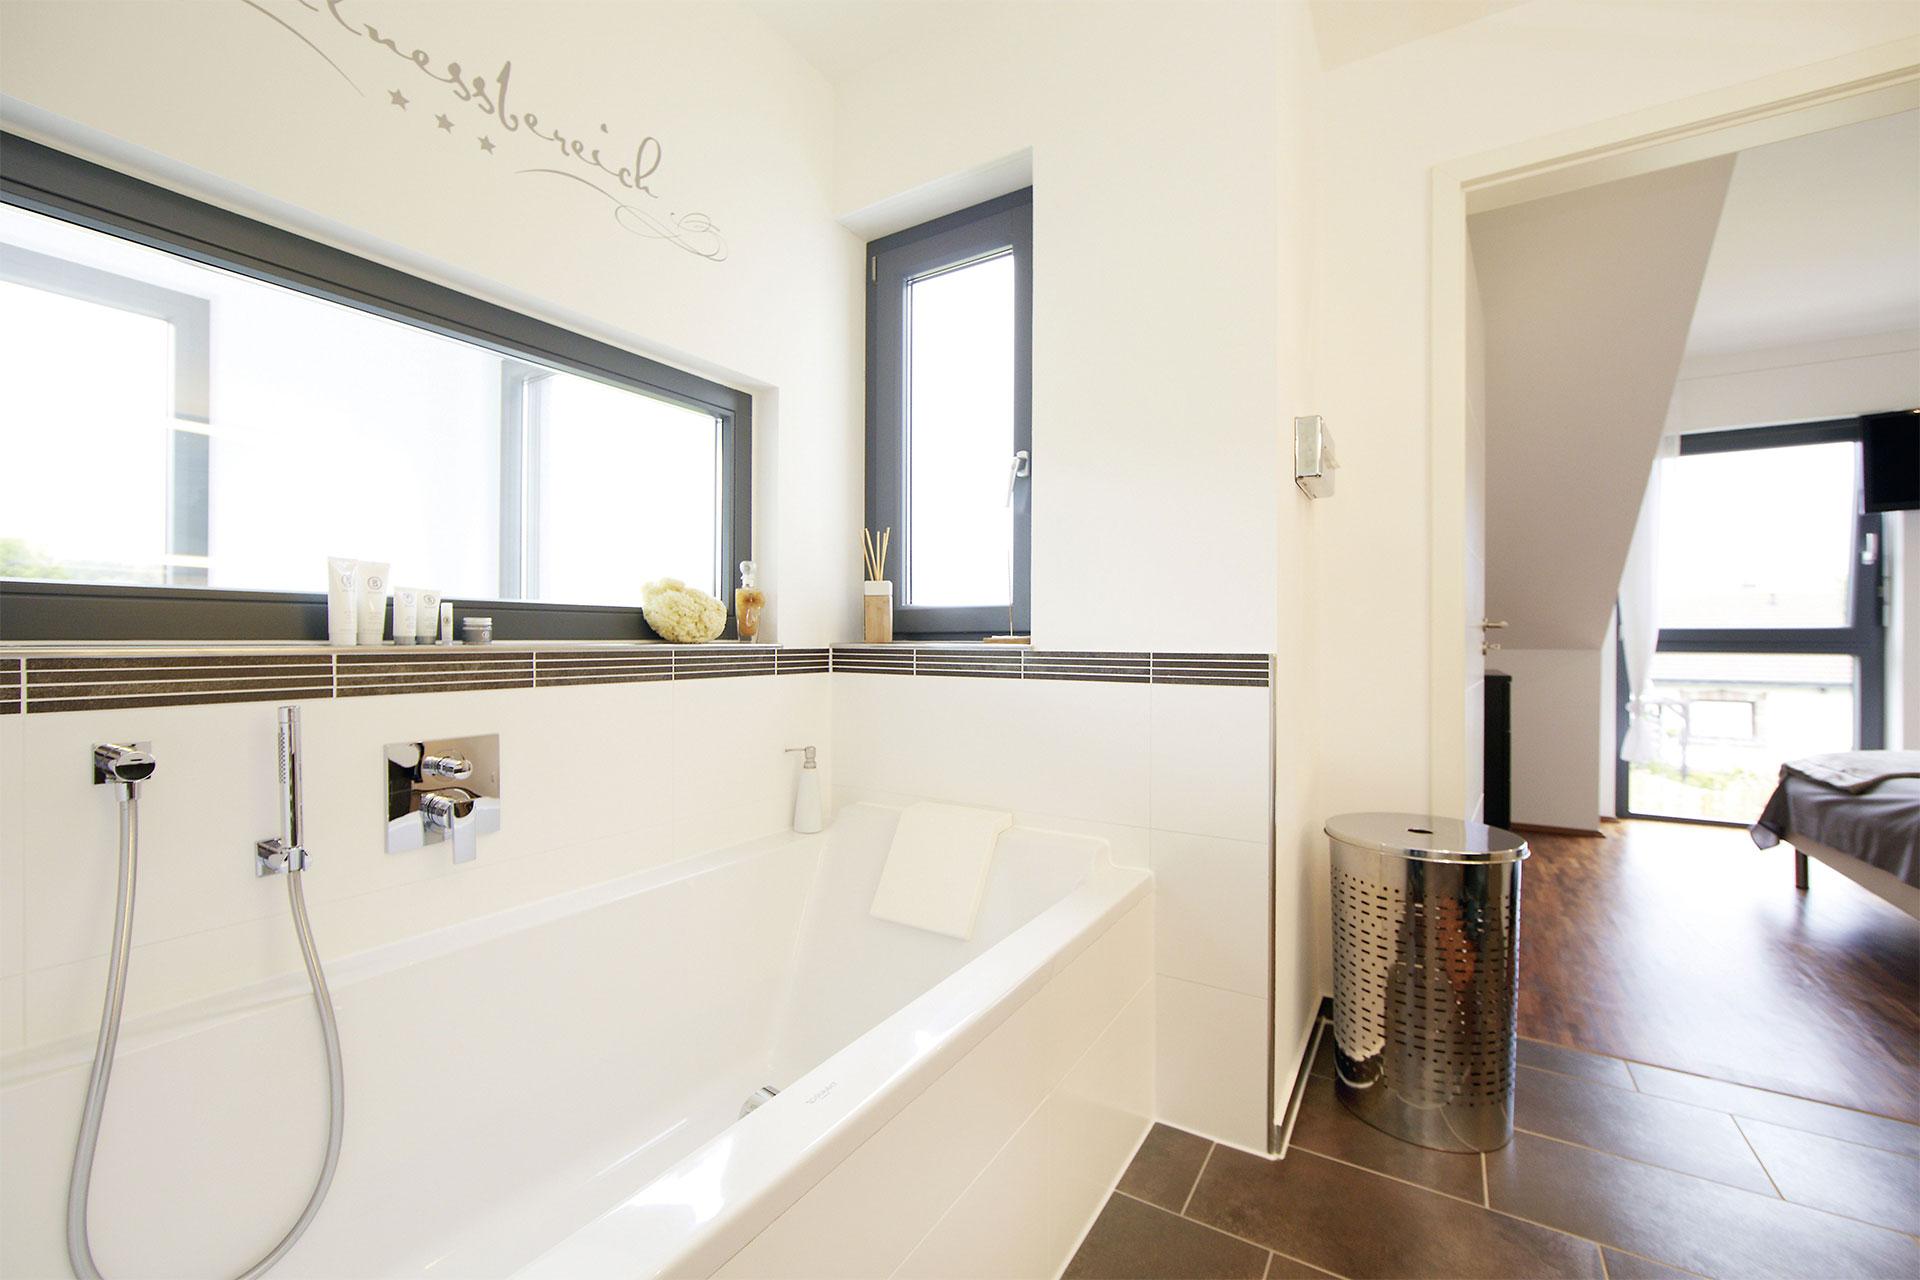 gerade treppe im haus die raumwirkung im flur wird geprgt durch eine gerade treppe mit. Black Bedroom Furniture Sets. Home Design Ideas